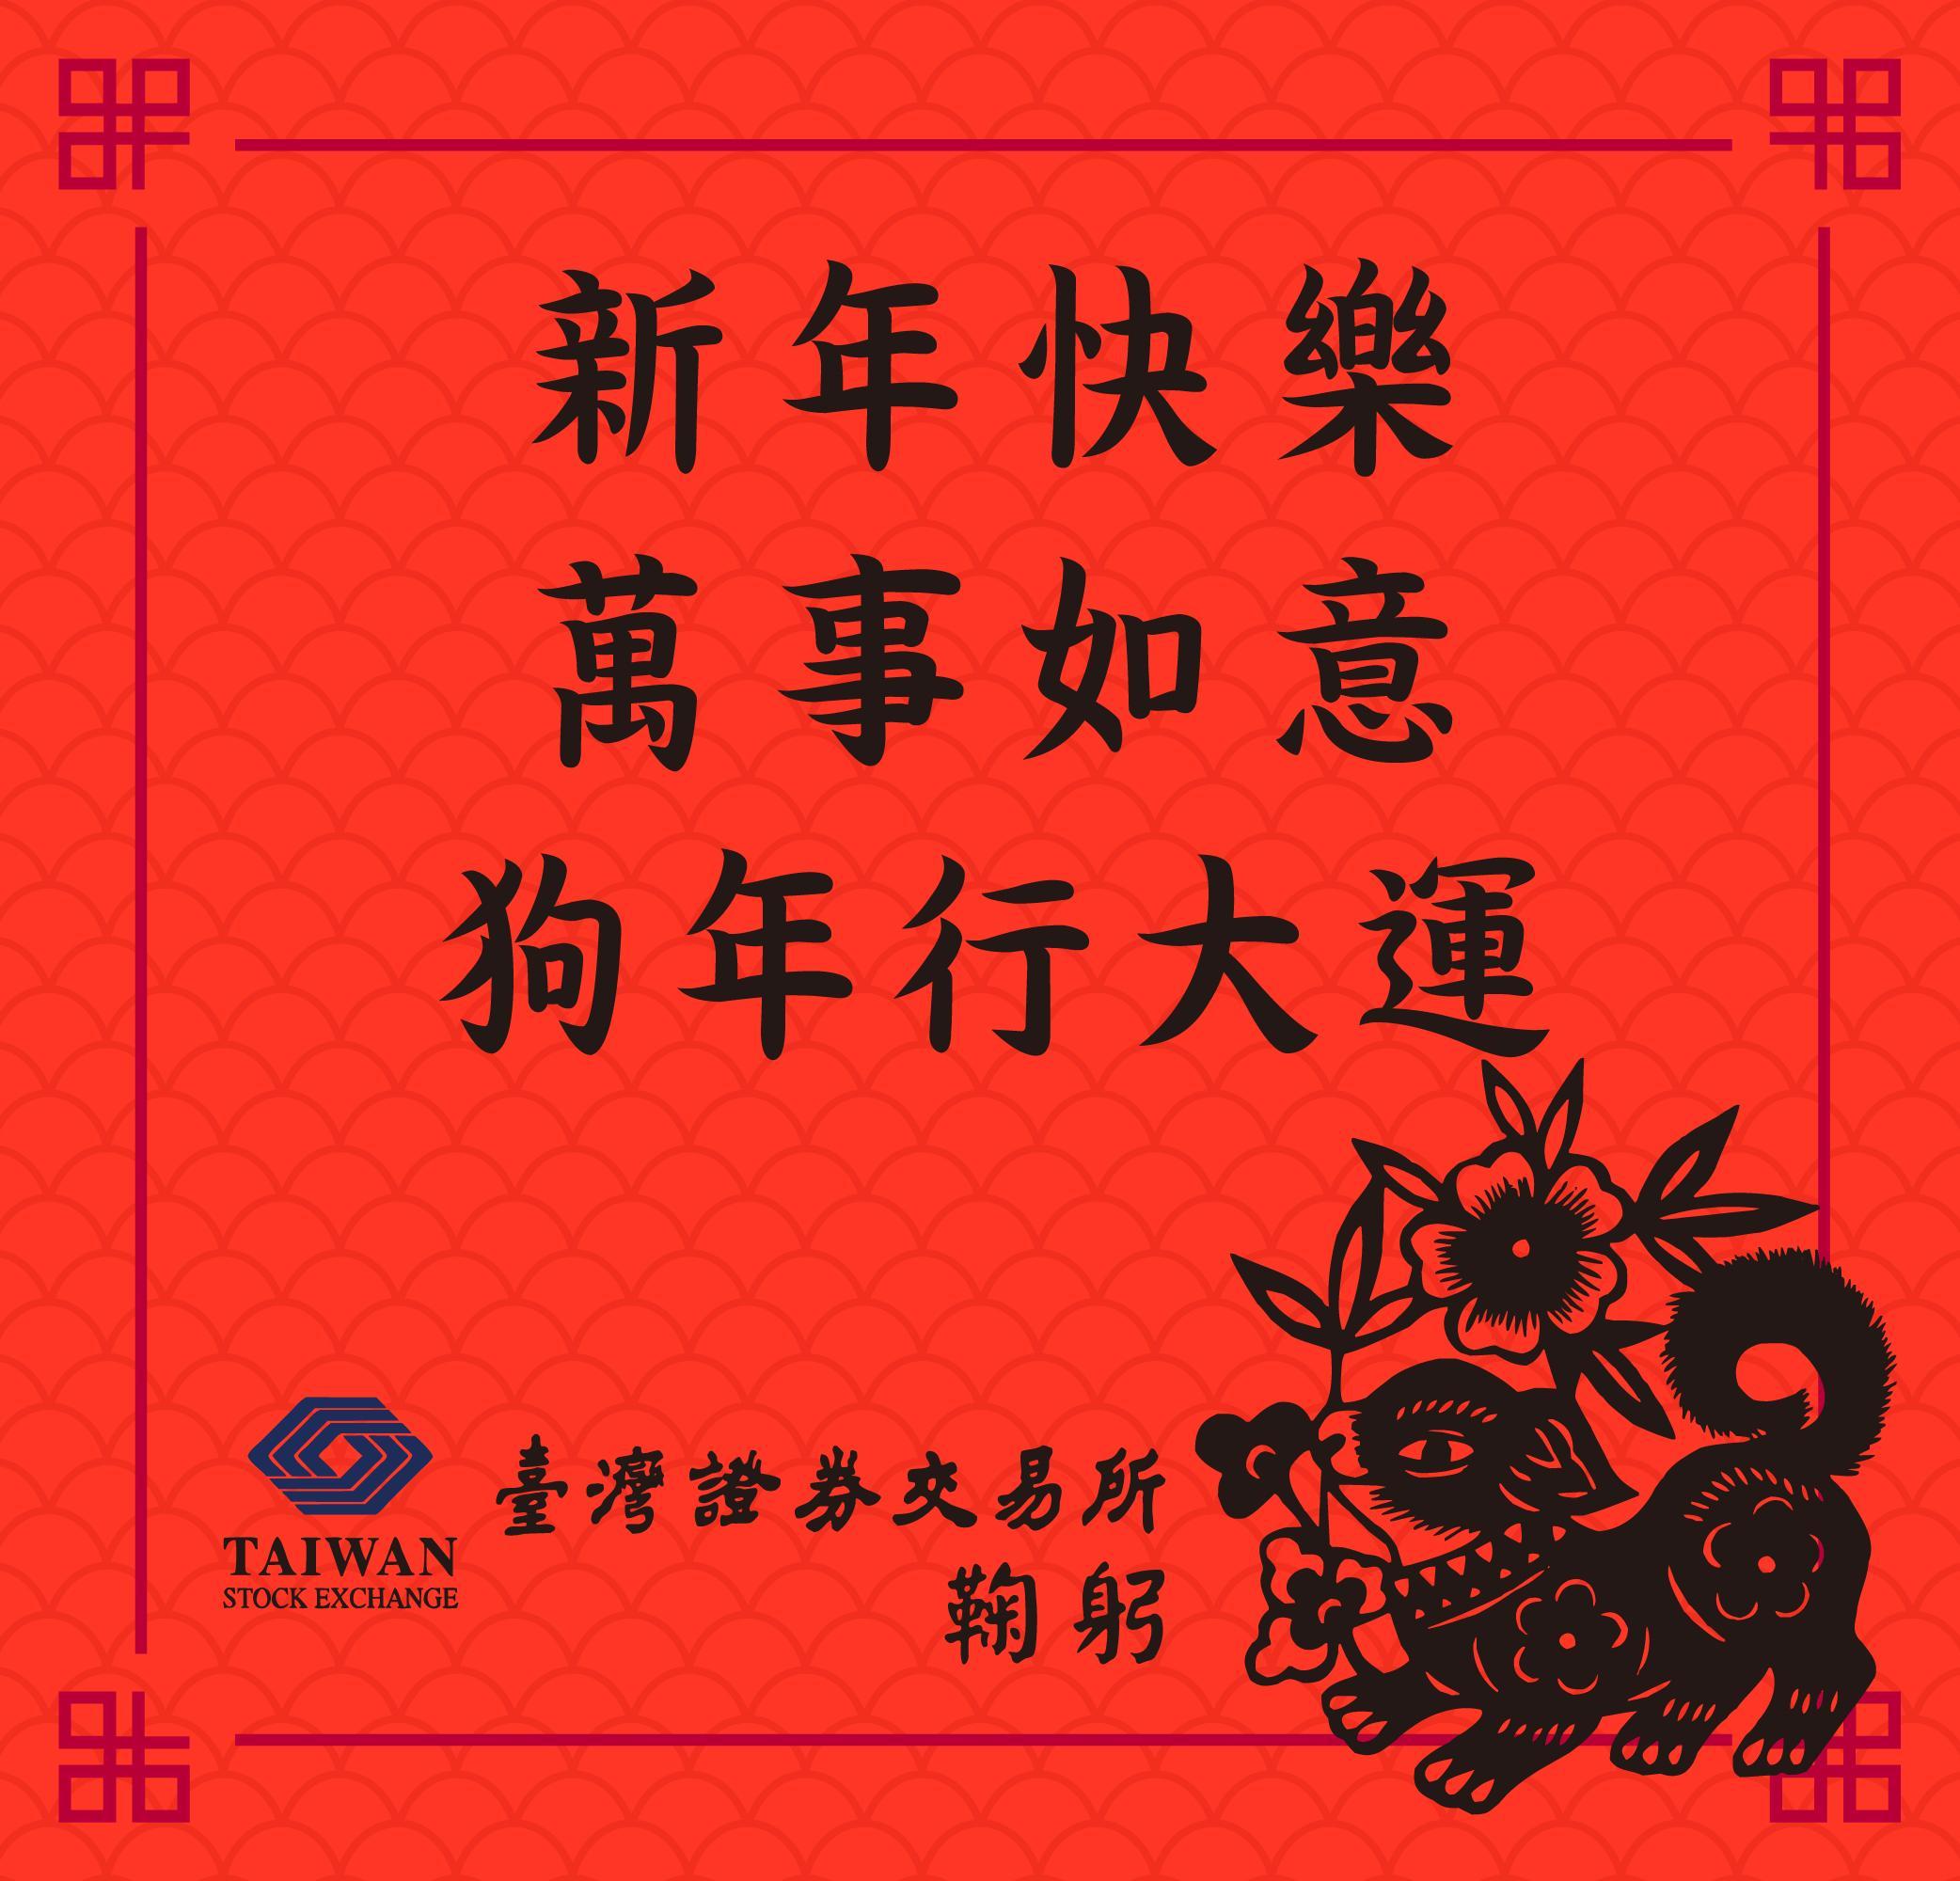 台灣證券交易所